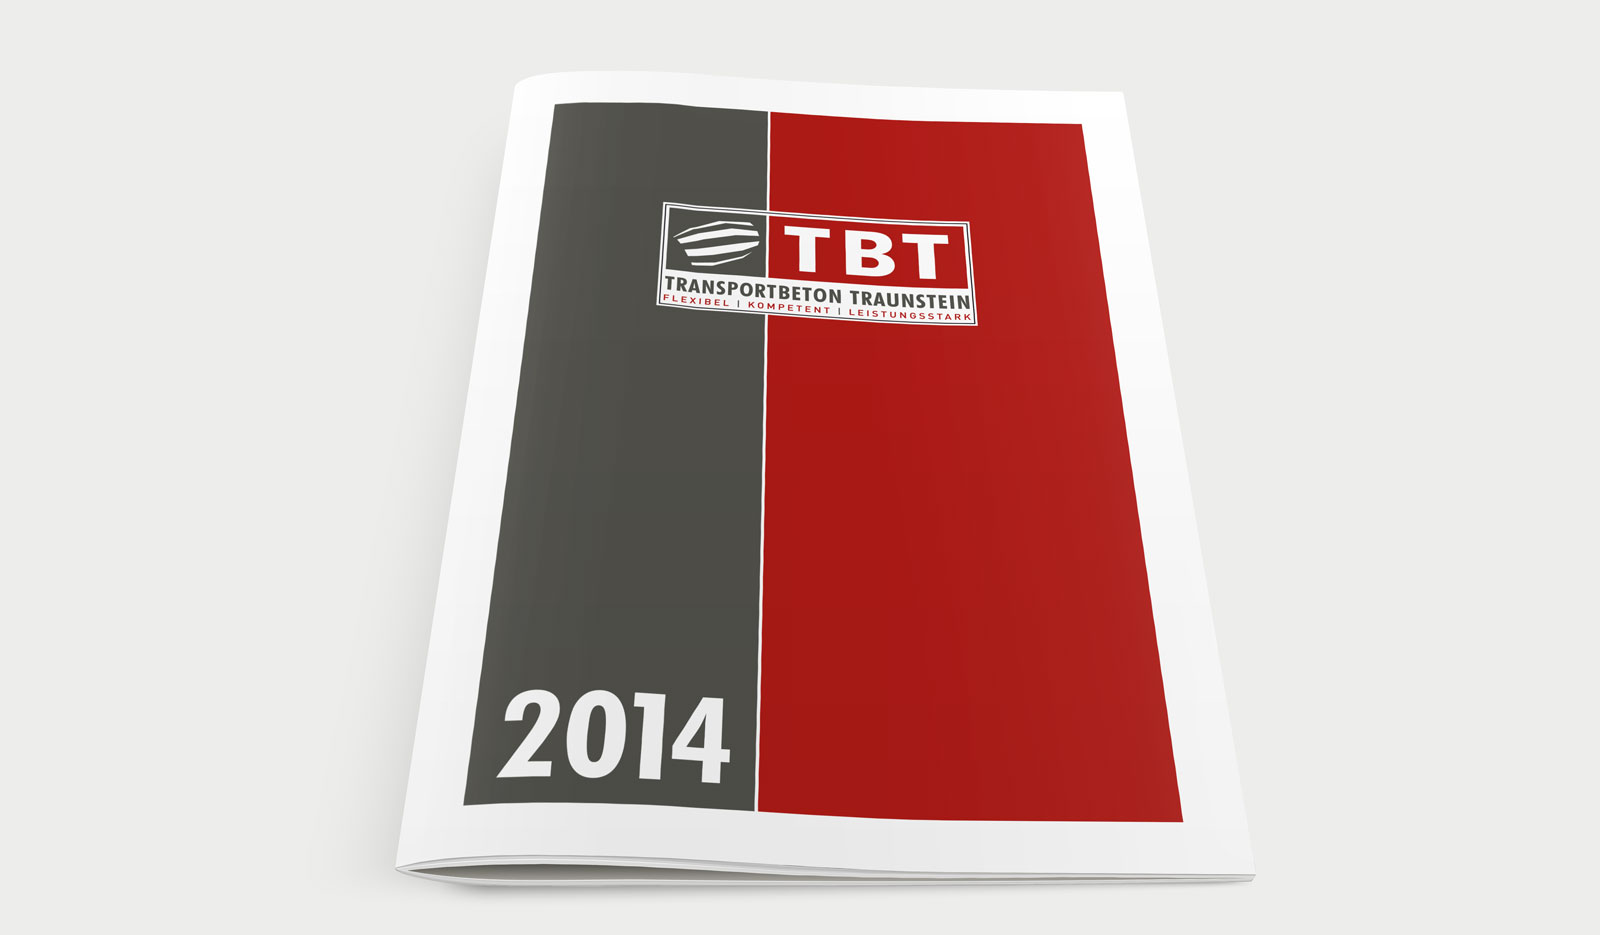 Transportbeton Traunstein Preisliste Cover